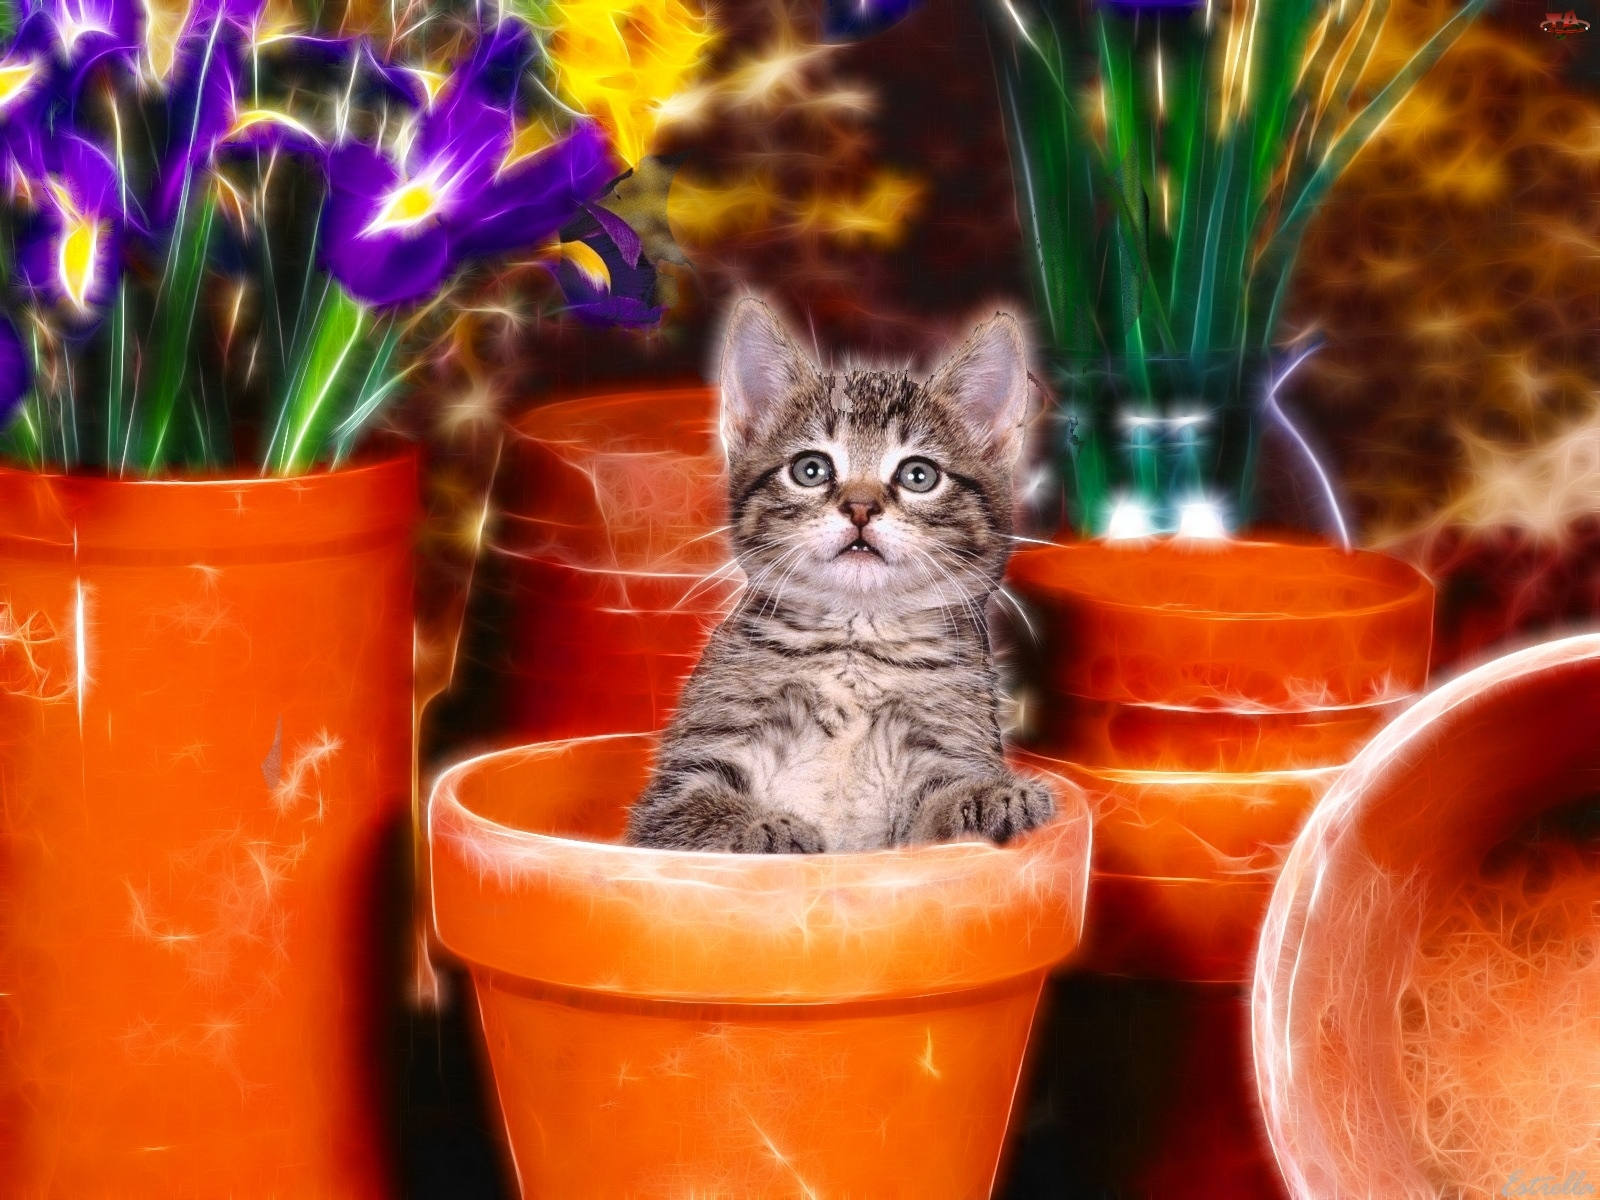 Kotek, Kwiaty, Słodki, Grafika, Mały, Doniczki